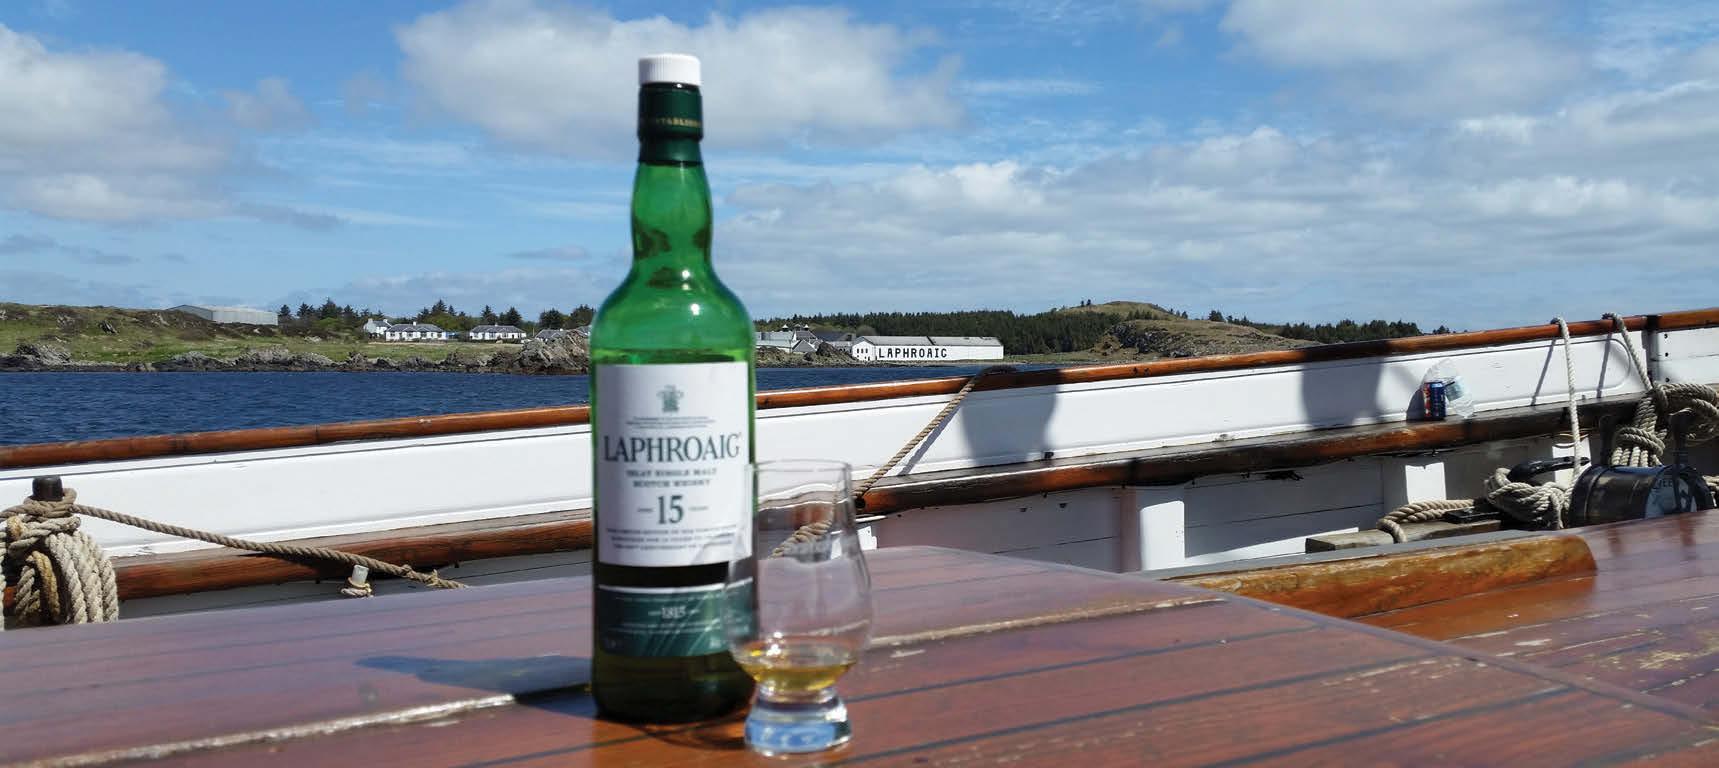 74-77 whhhisky